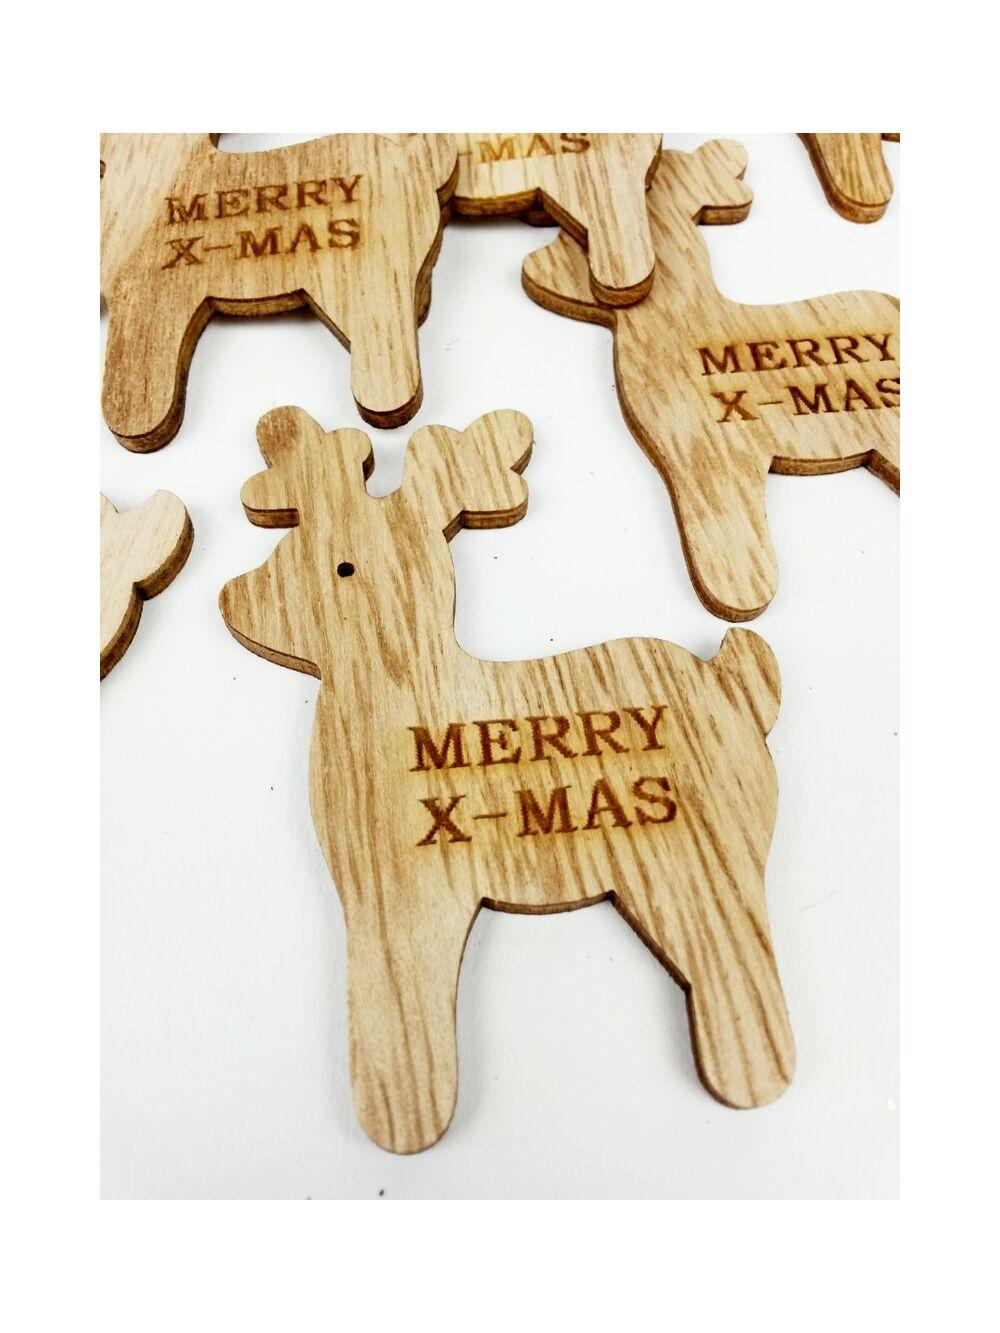 Natúr Merry X-mas rénszarvas